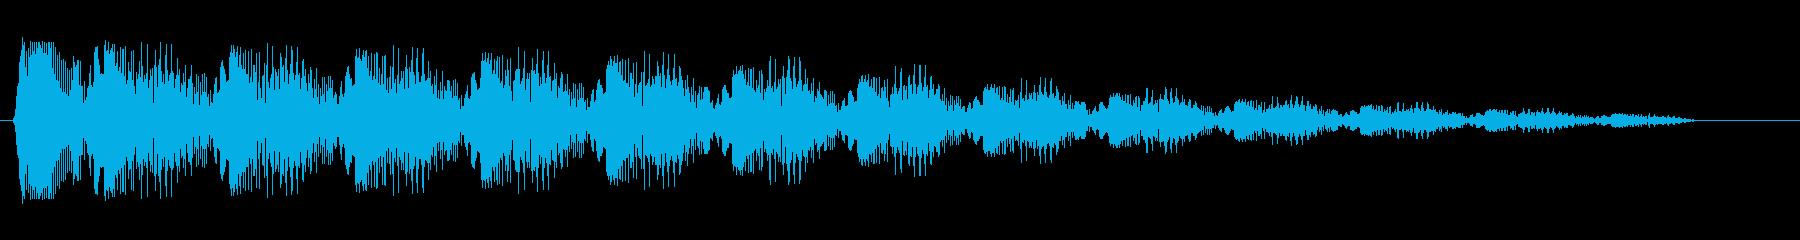 ピロロロロ..消(機械的なループ音)の再生済みの波形